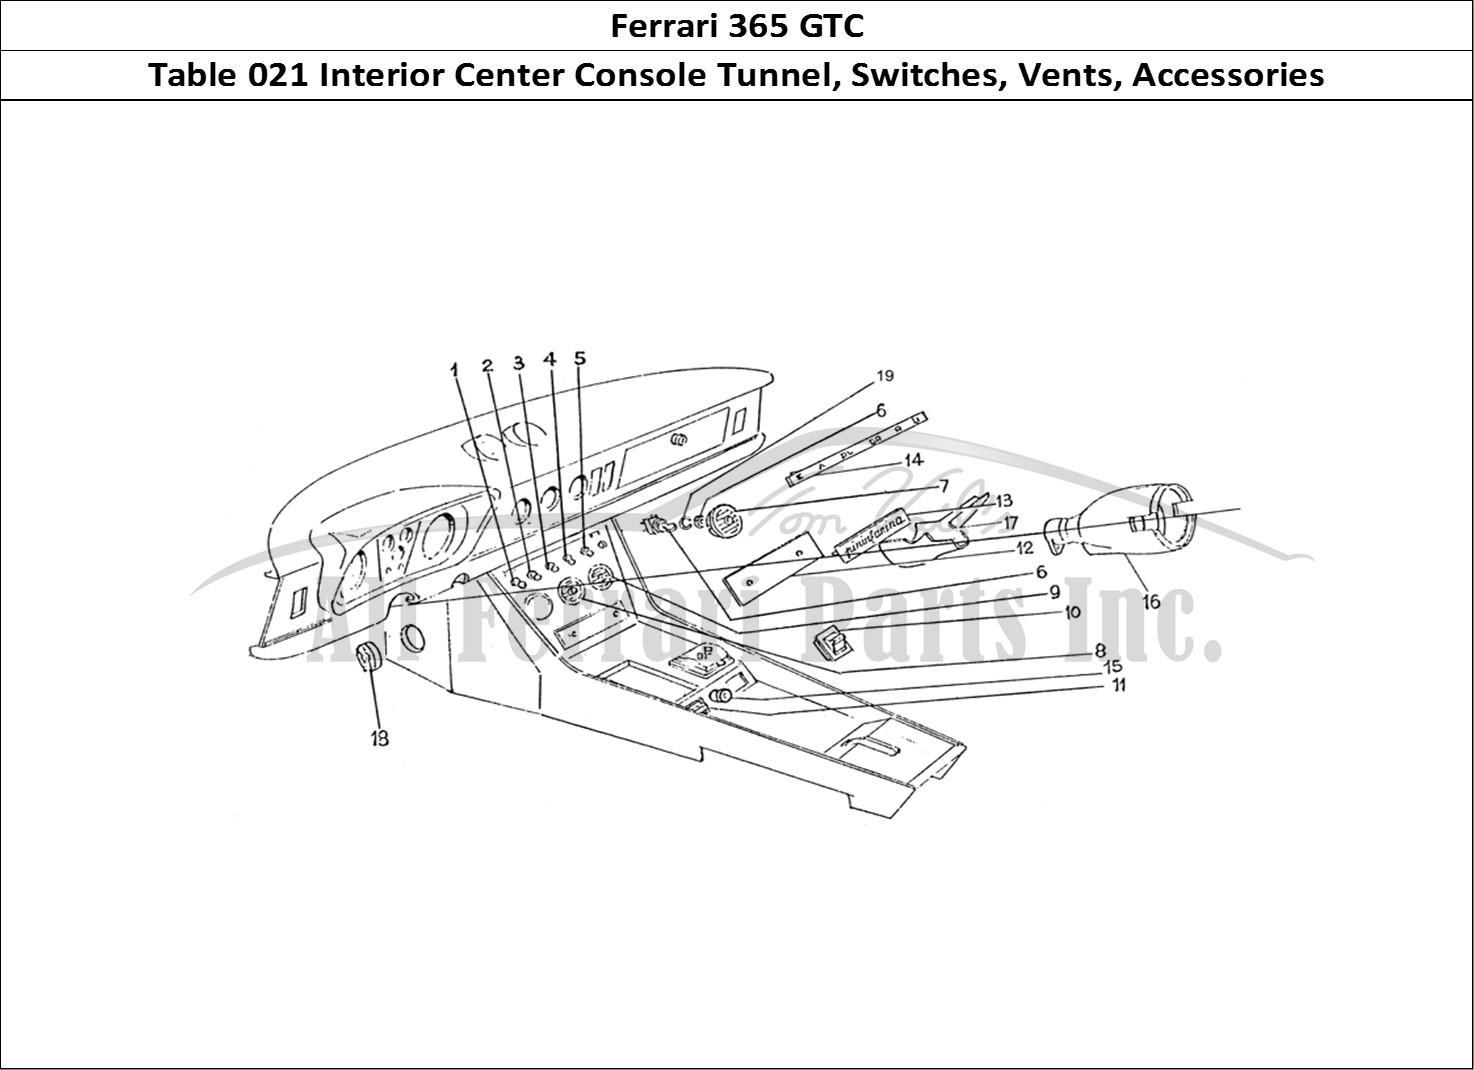 Buy Original Ferrari 365 Gtc 021 Interior Center Console